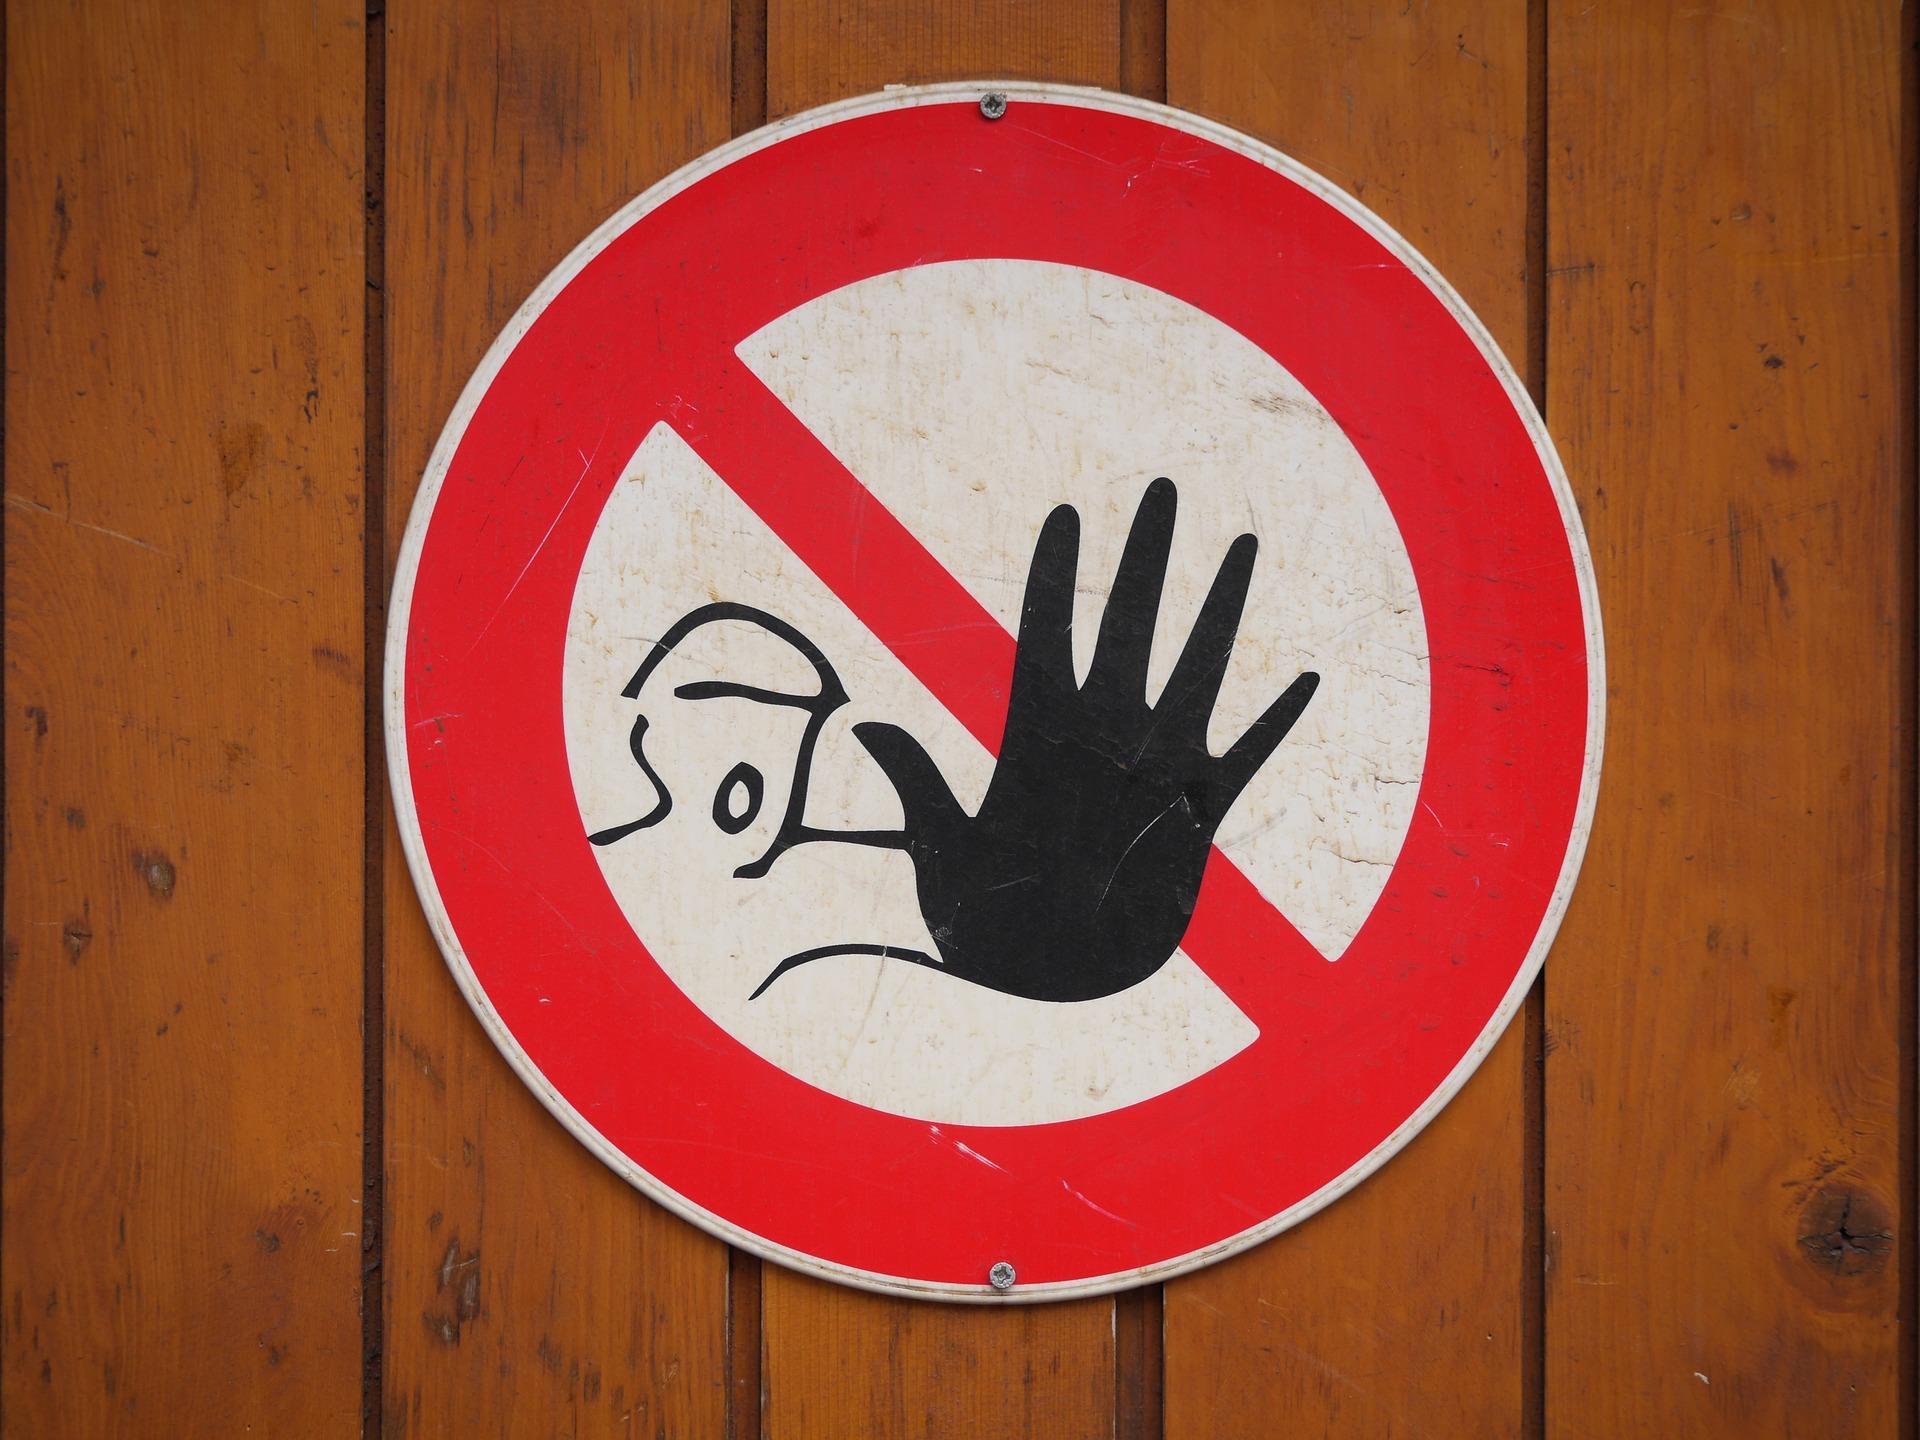 Minori che guardano siti hard, in Francia una legge per vietarne l'accesso